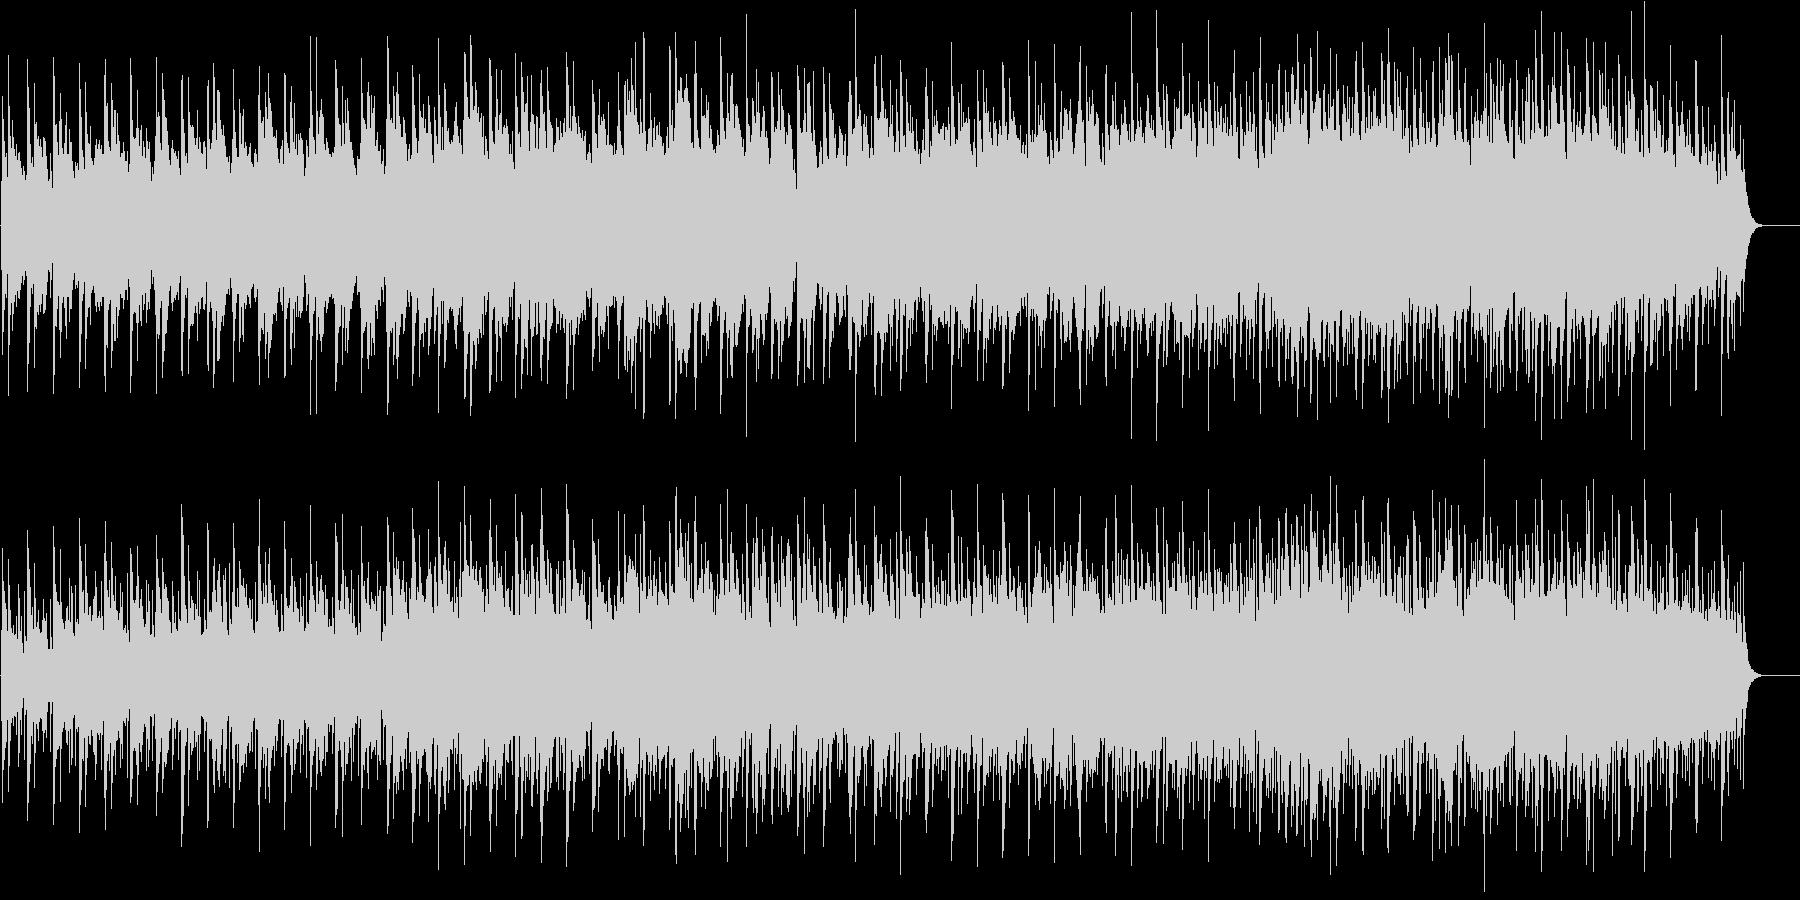 ニューエイジ系 水中遊覧サウンドの未再生の波形